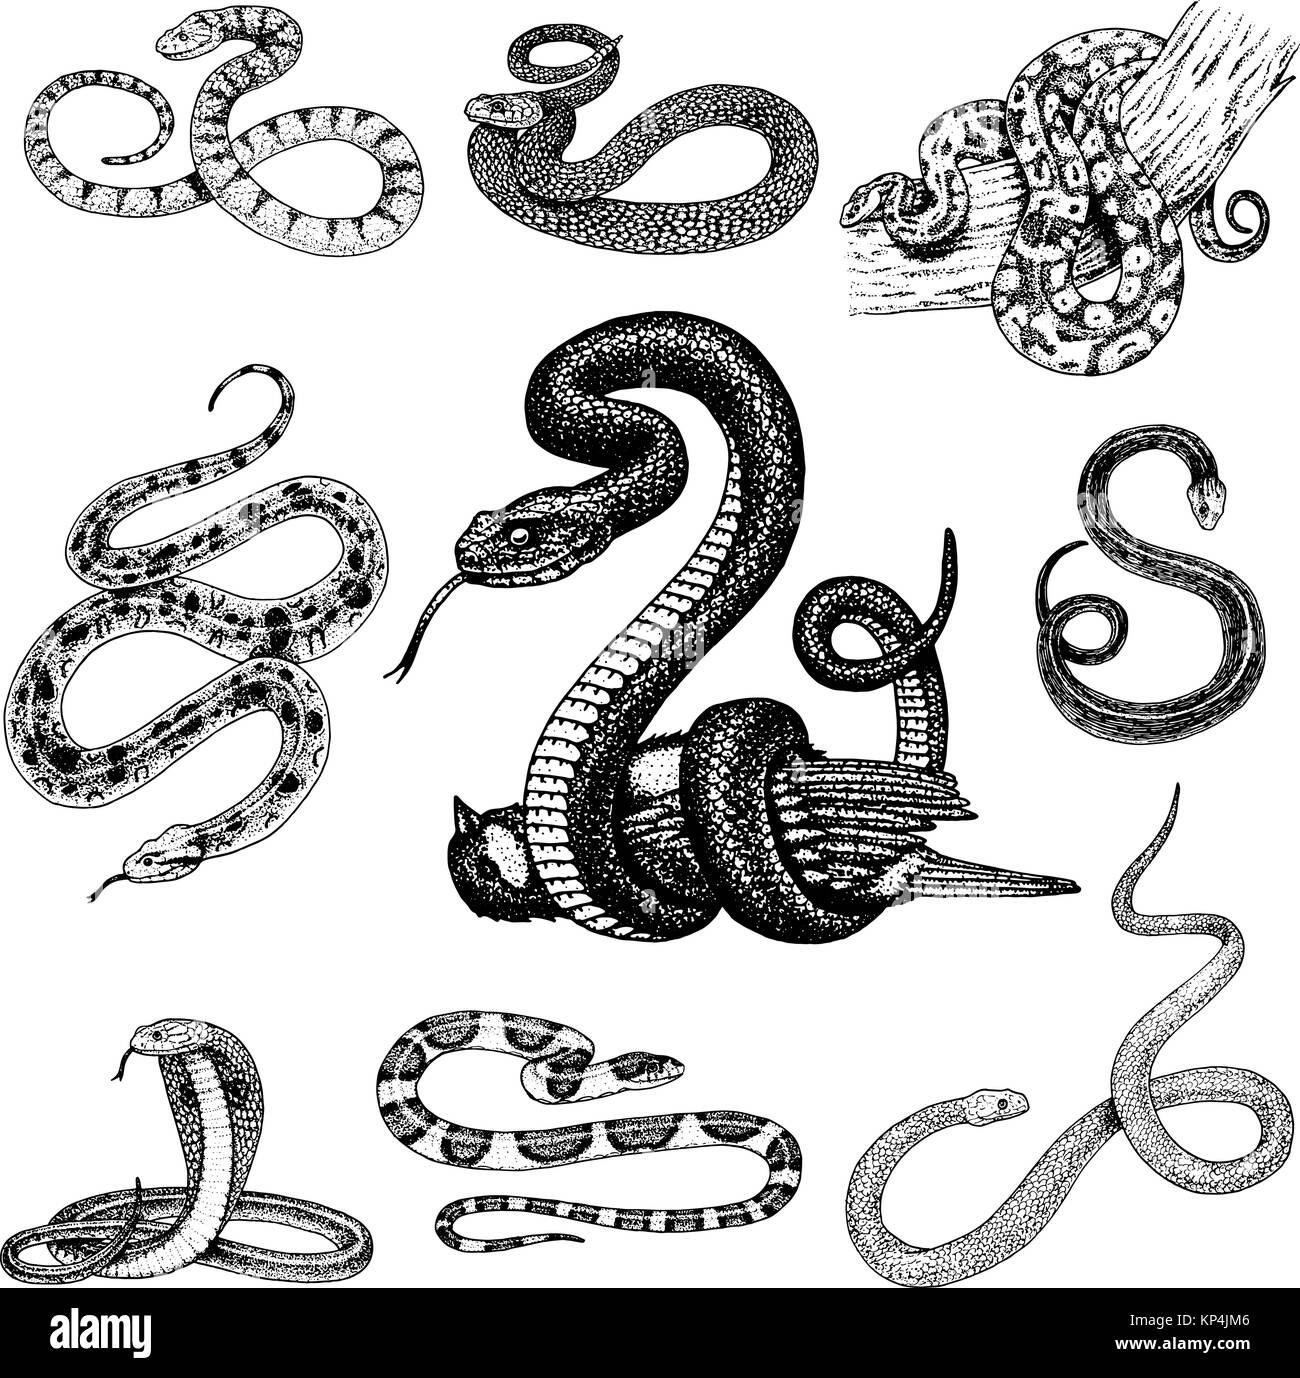 Forasteiro Tattoo Tattoo Serpente: Impostare Viper Snake. Serpente Cobra E Python, Anaconda O